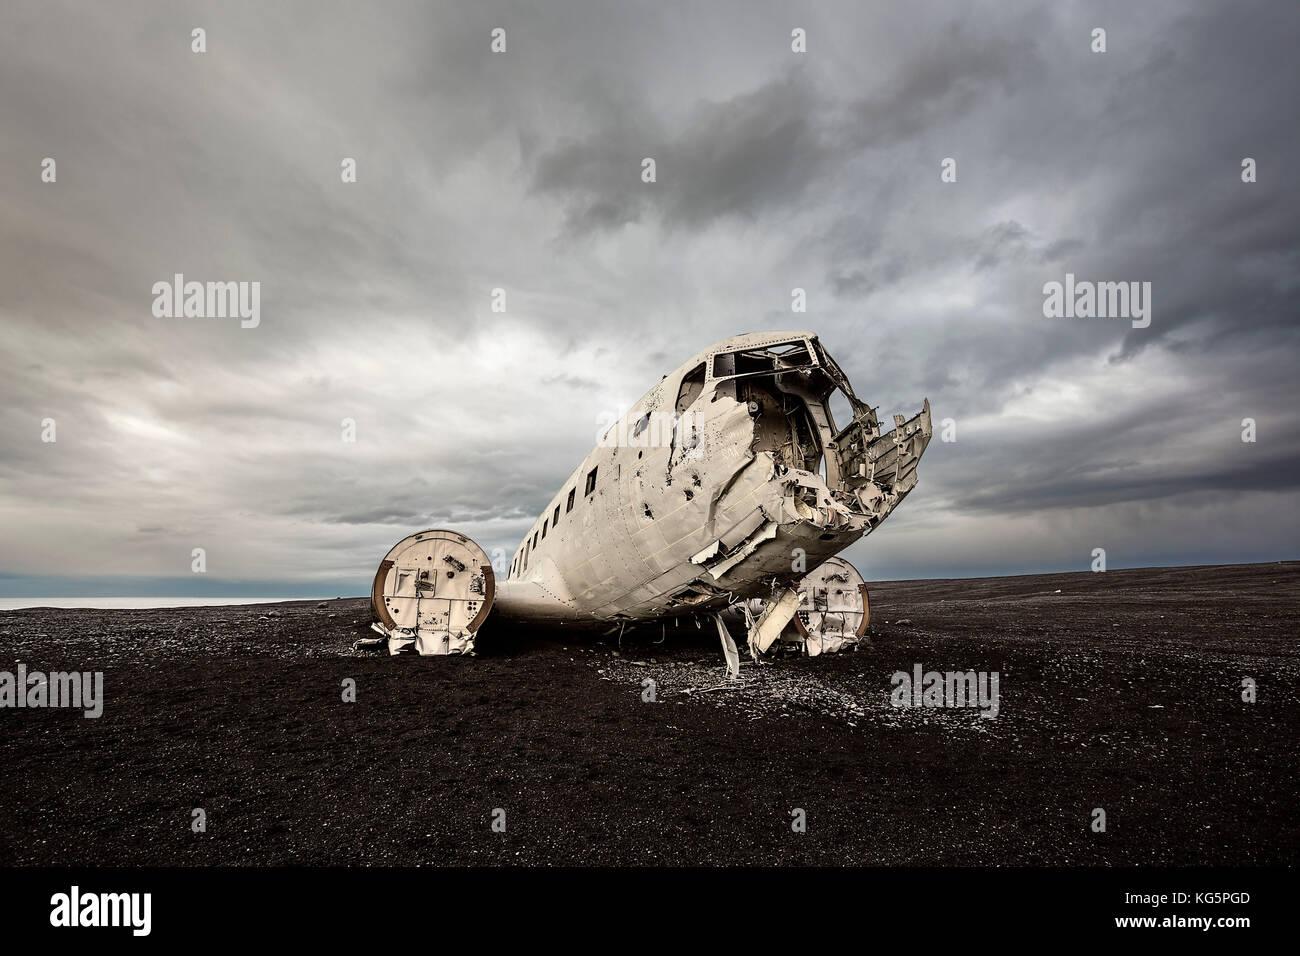 DC 3 abandoned on Black Beach, Vik I Myrdal, Iceland - Stock Image